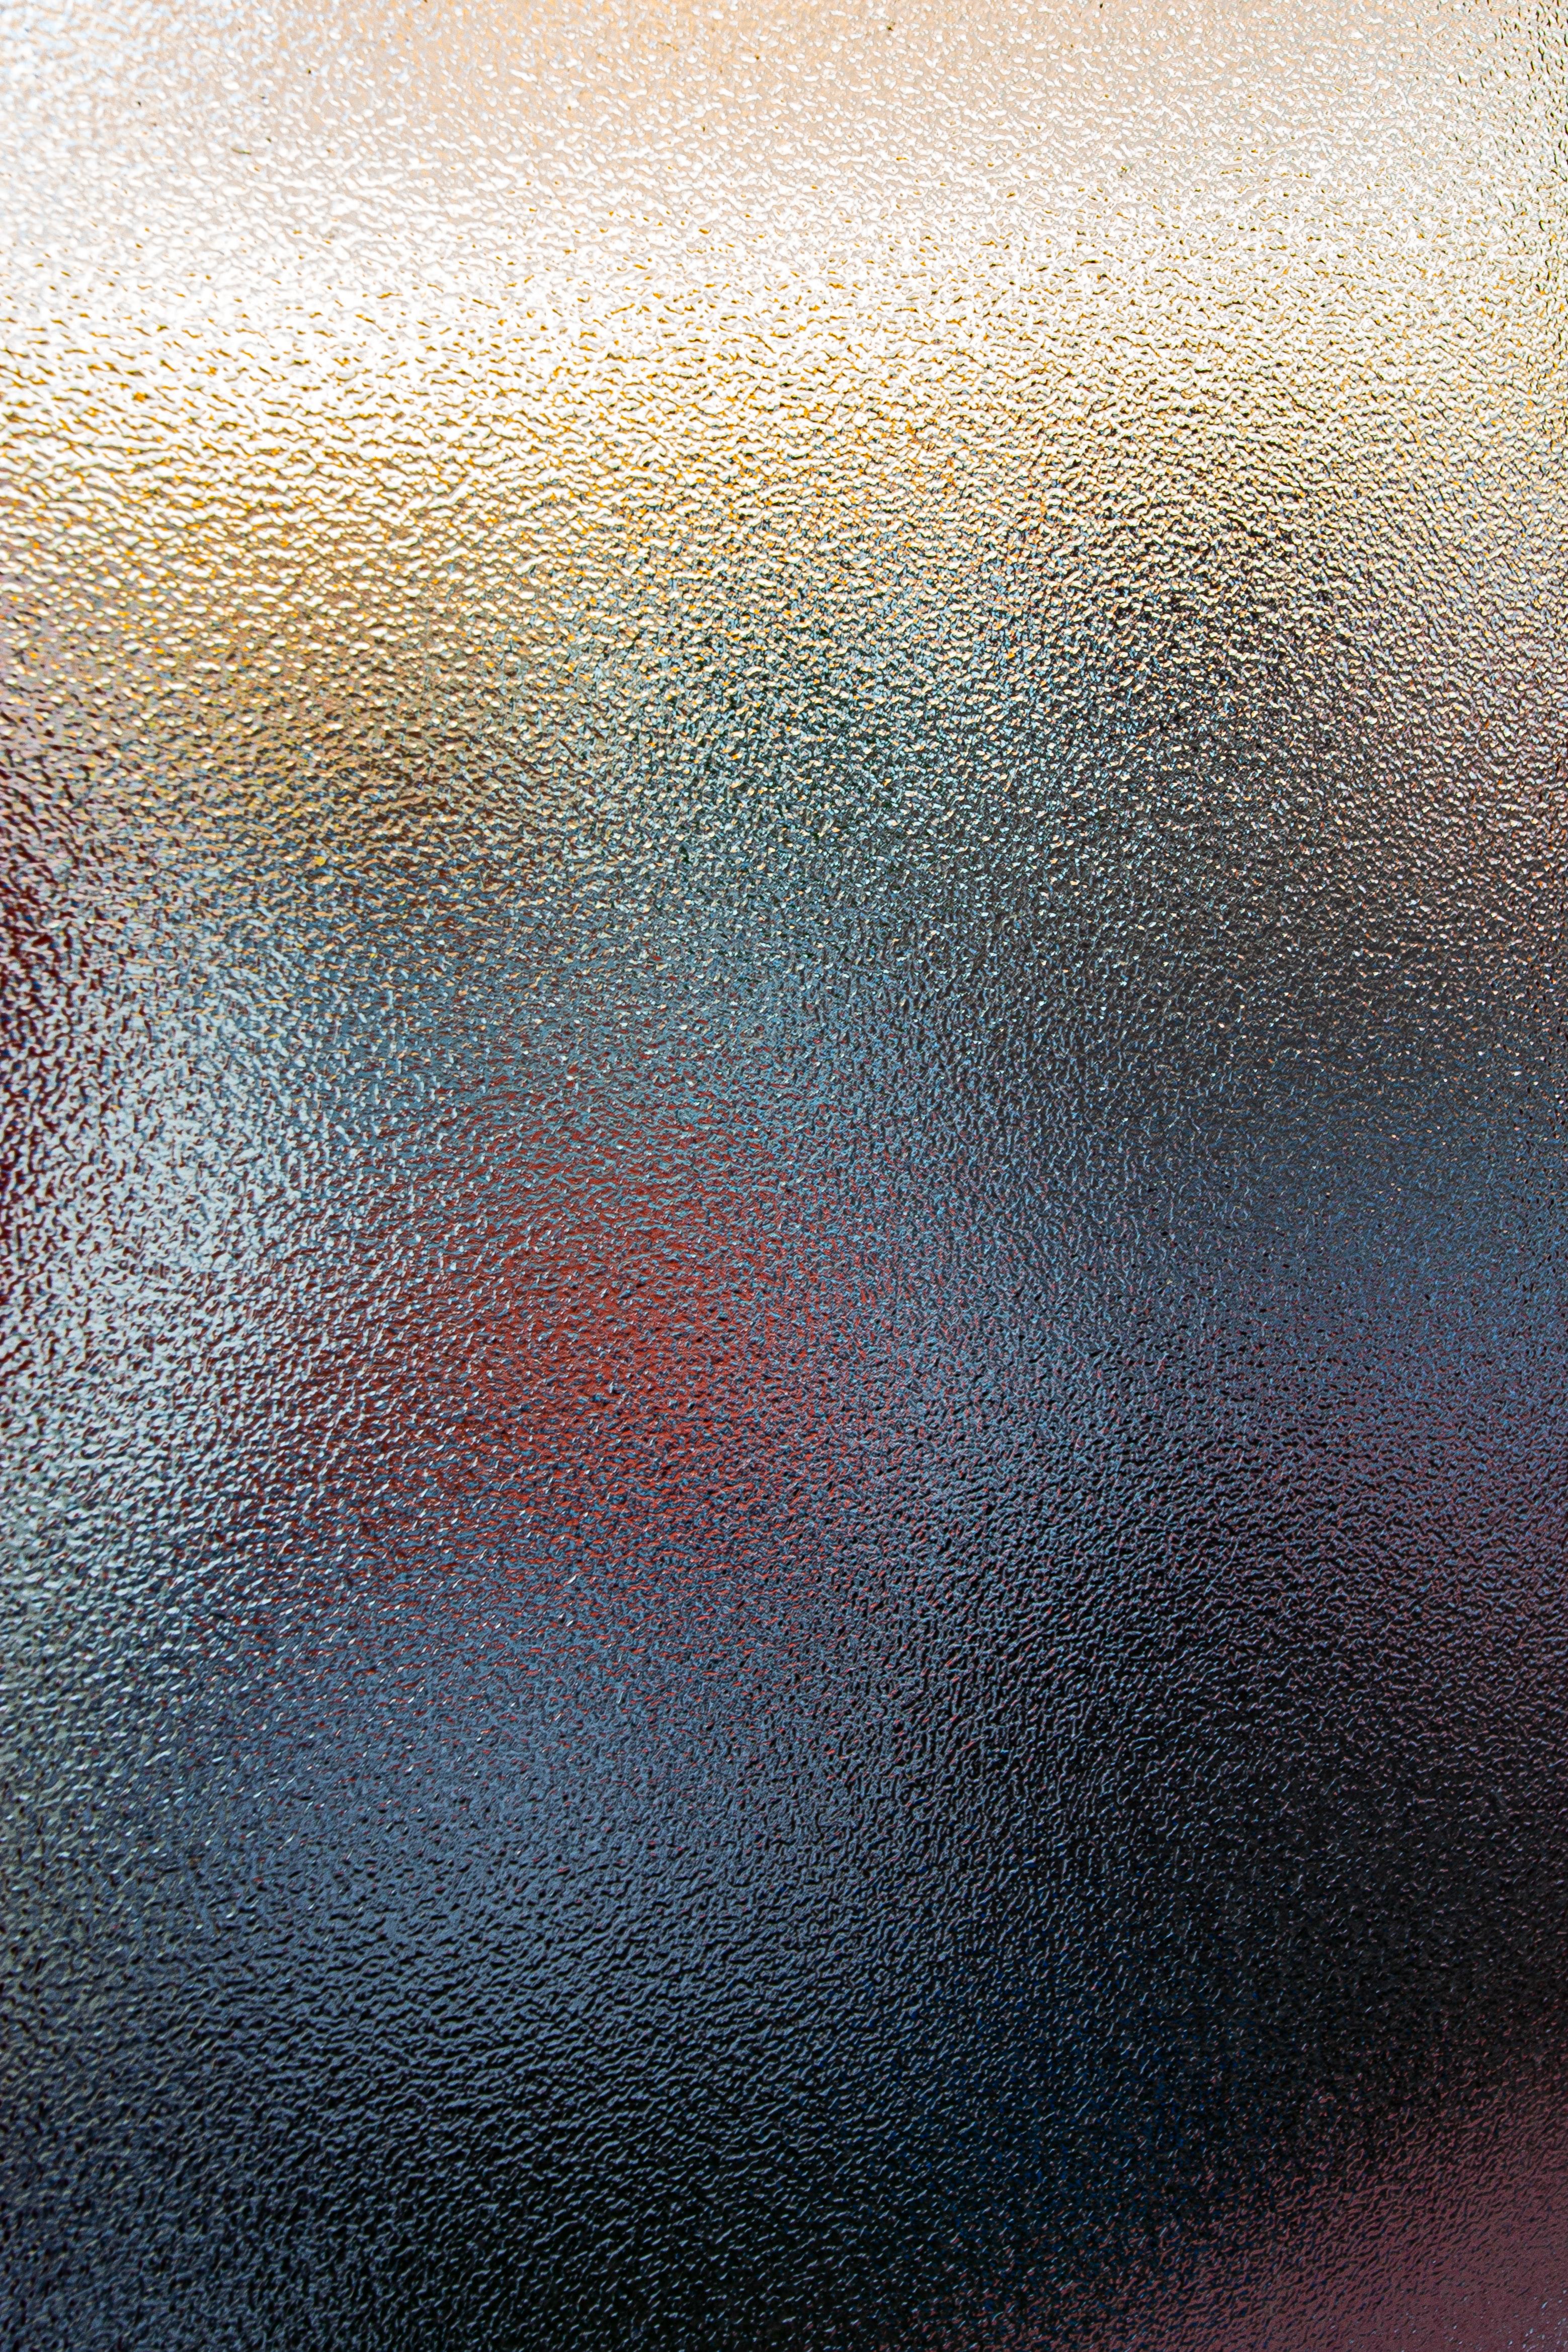 90207 Заставки и Обои Текстуры на телефон. Скачать Текстура, Текстуры, Ребристый, Расплывчатый картинки бесплатно